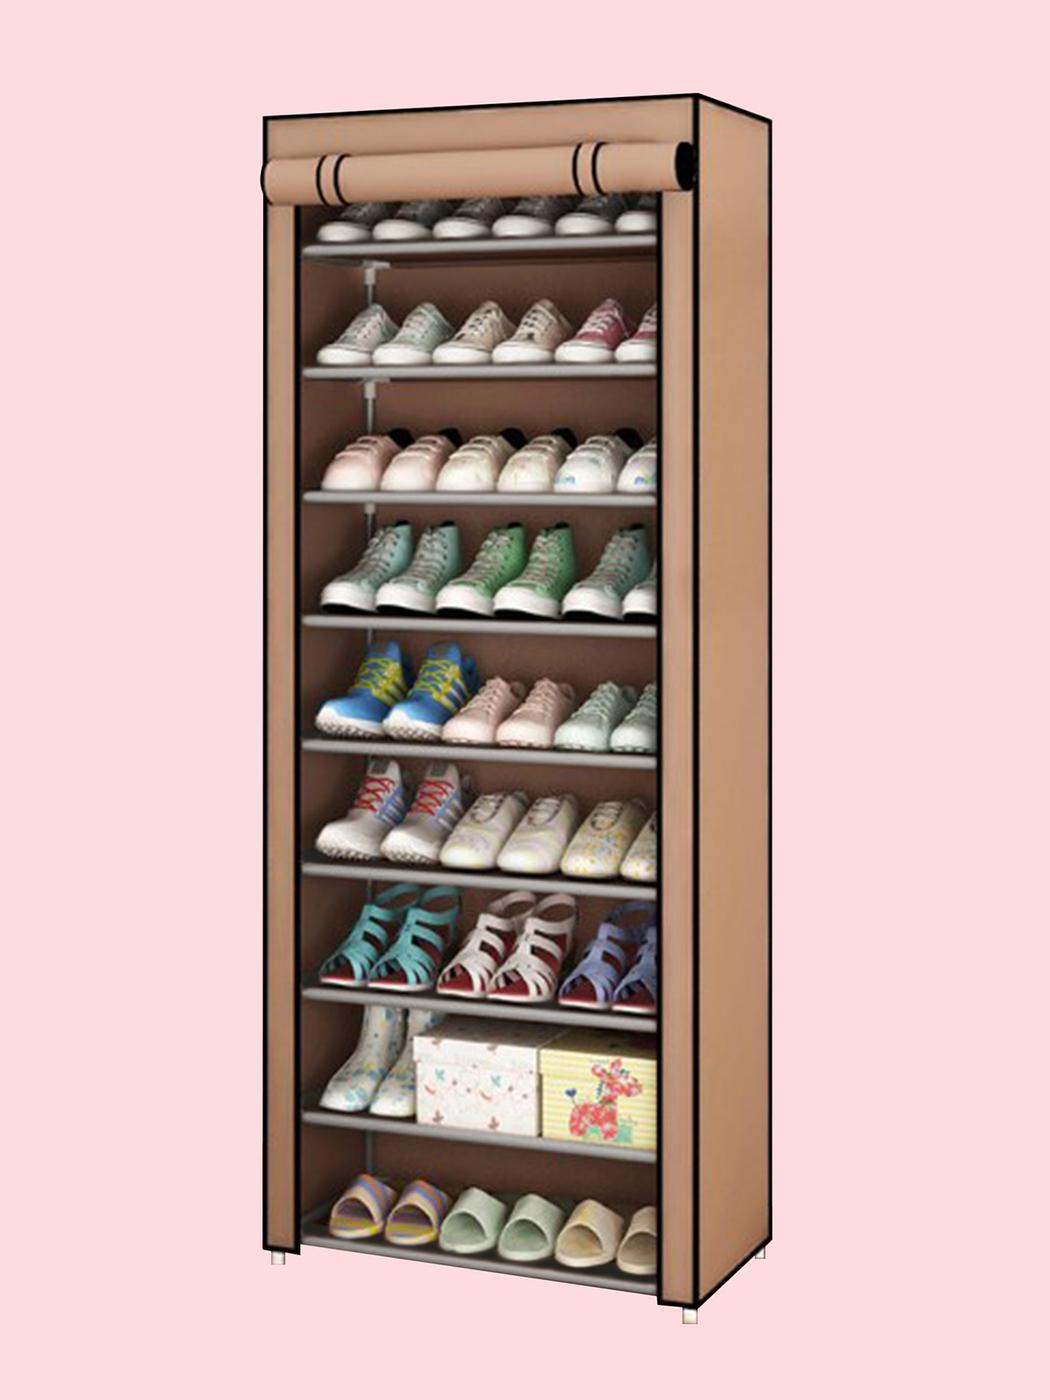 Обувница BEVELIX_03, Металл, ABS пластик, 60х30х155 см